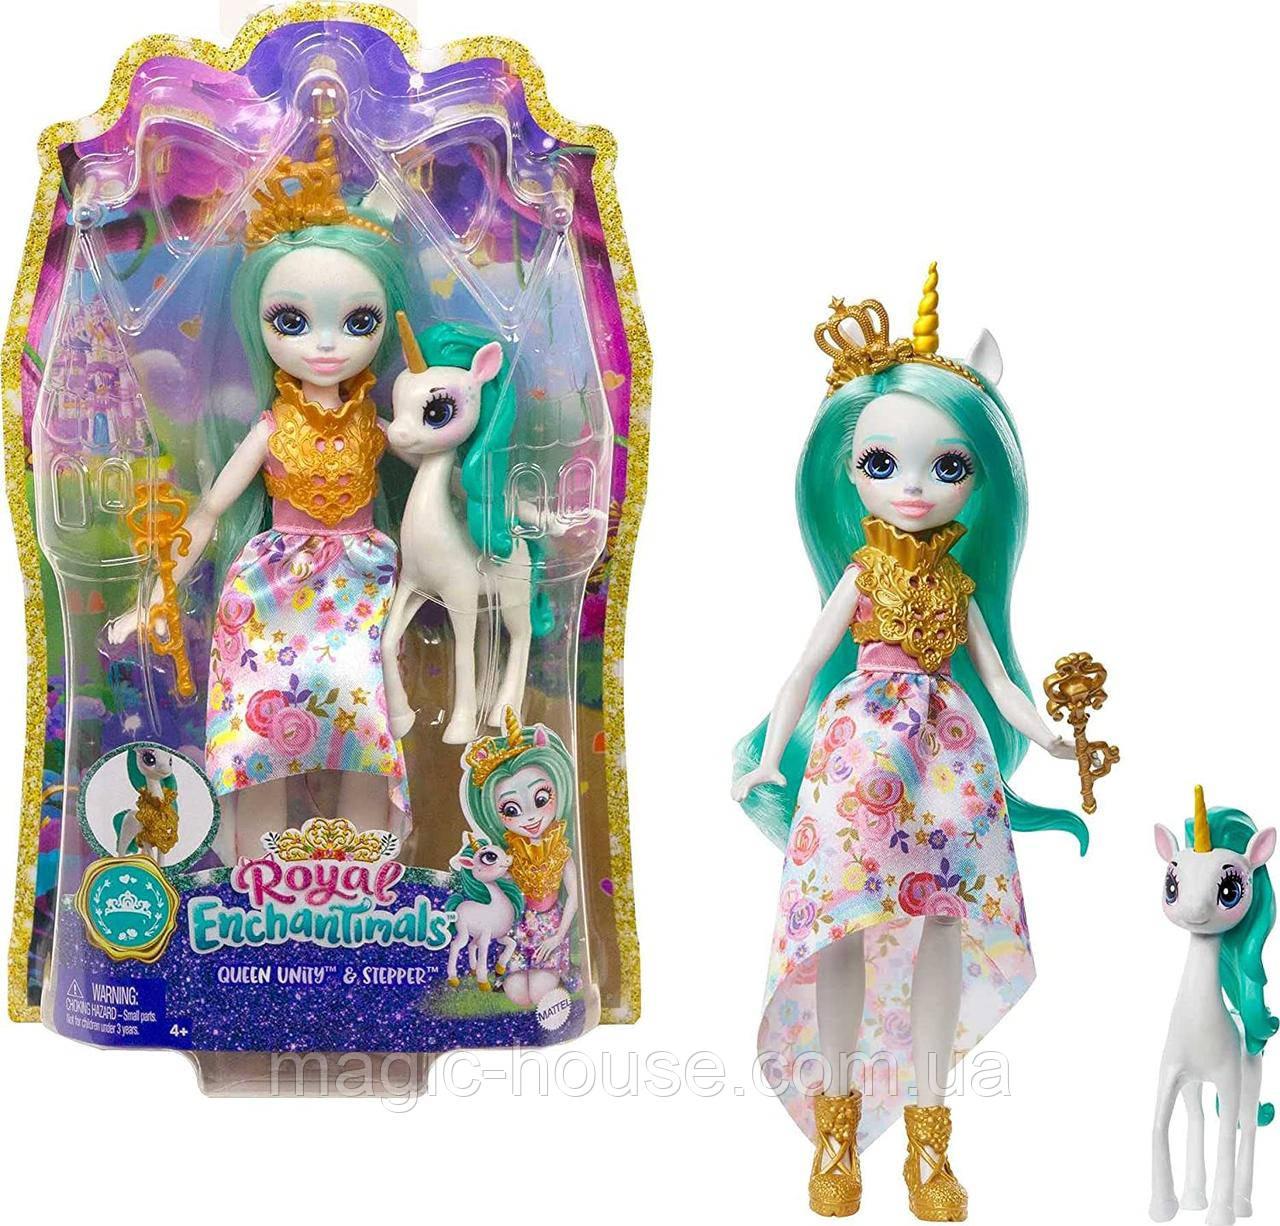 Ігровий набір Энчантималс Королева Юніті і єдиноріг Степпер Royal Enchantimals Queen Unity Оригінал